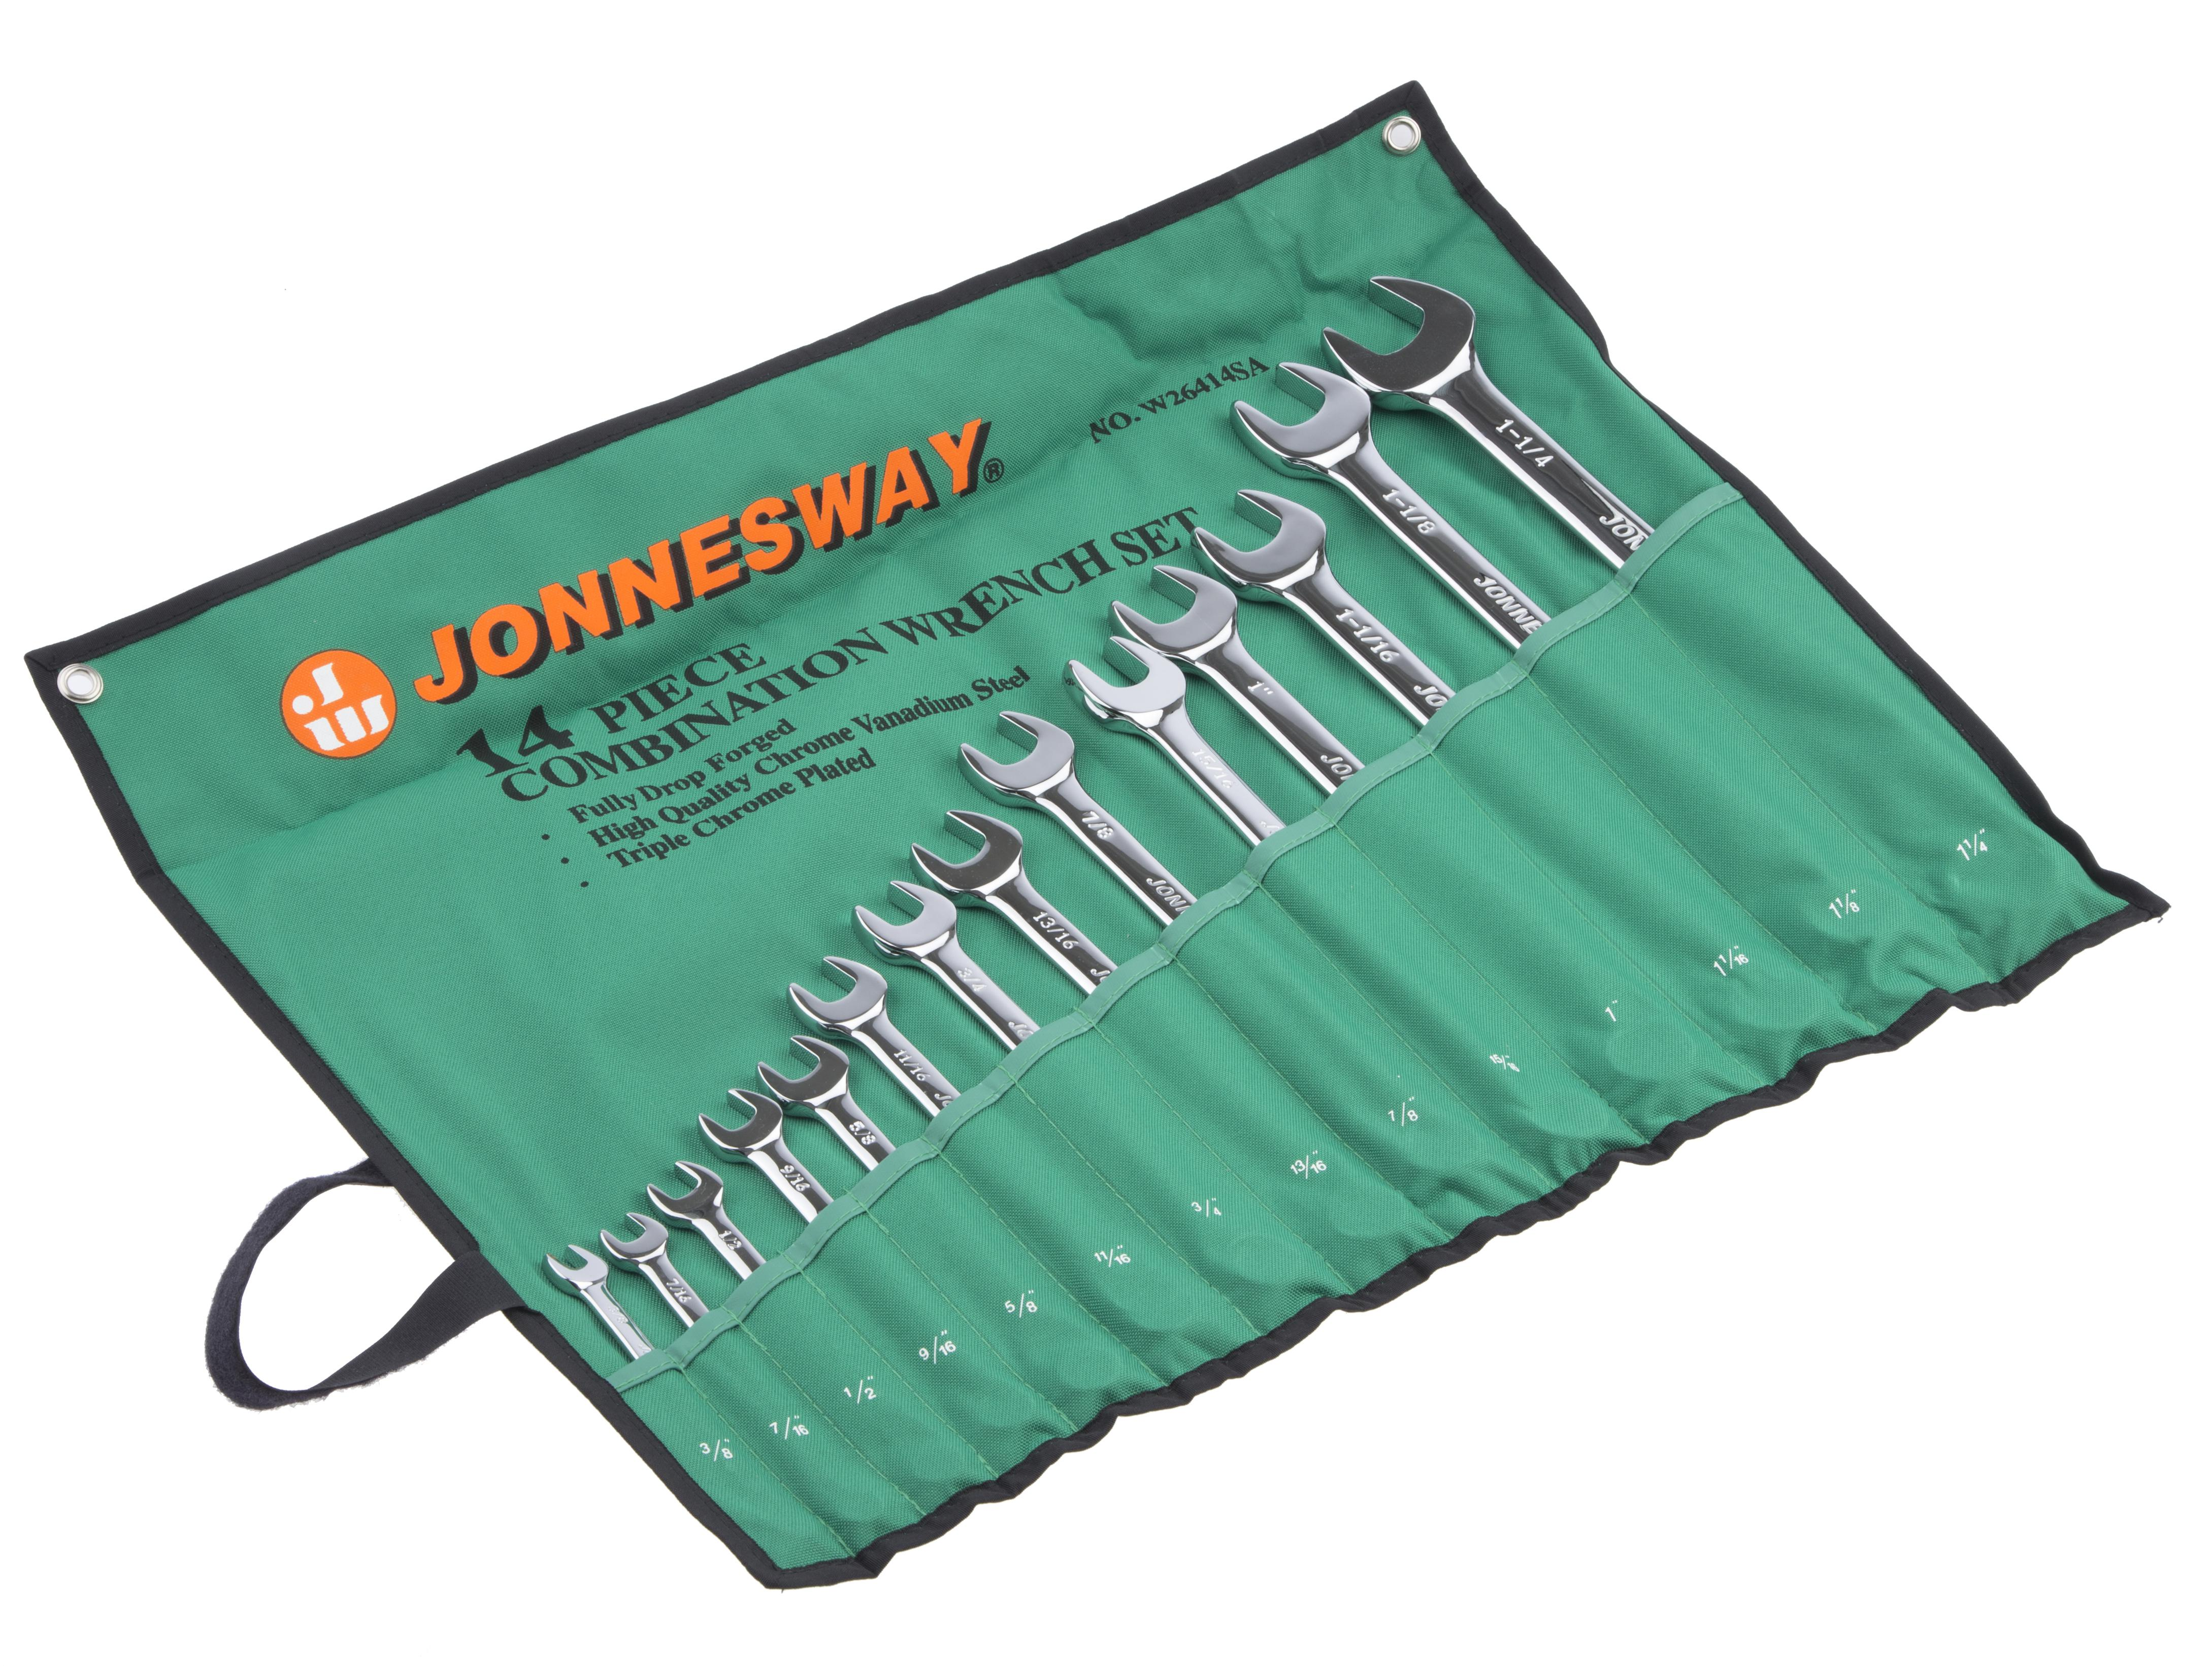 Набор гаечных ключей, 14 шт. Jonnesway W26414s (9.5 - 31.75 мм) набор для регулировки фаз грм дизельных двигателей renault nissan dci jonnesway al010183